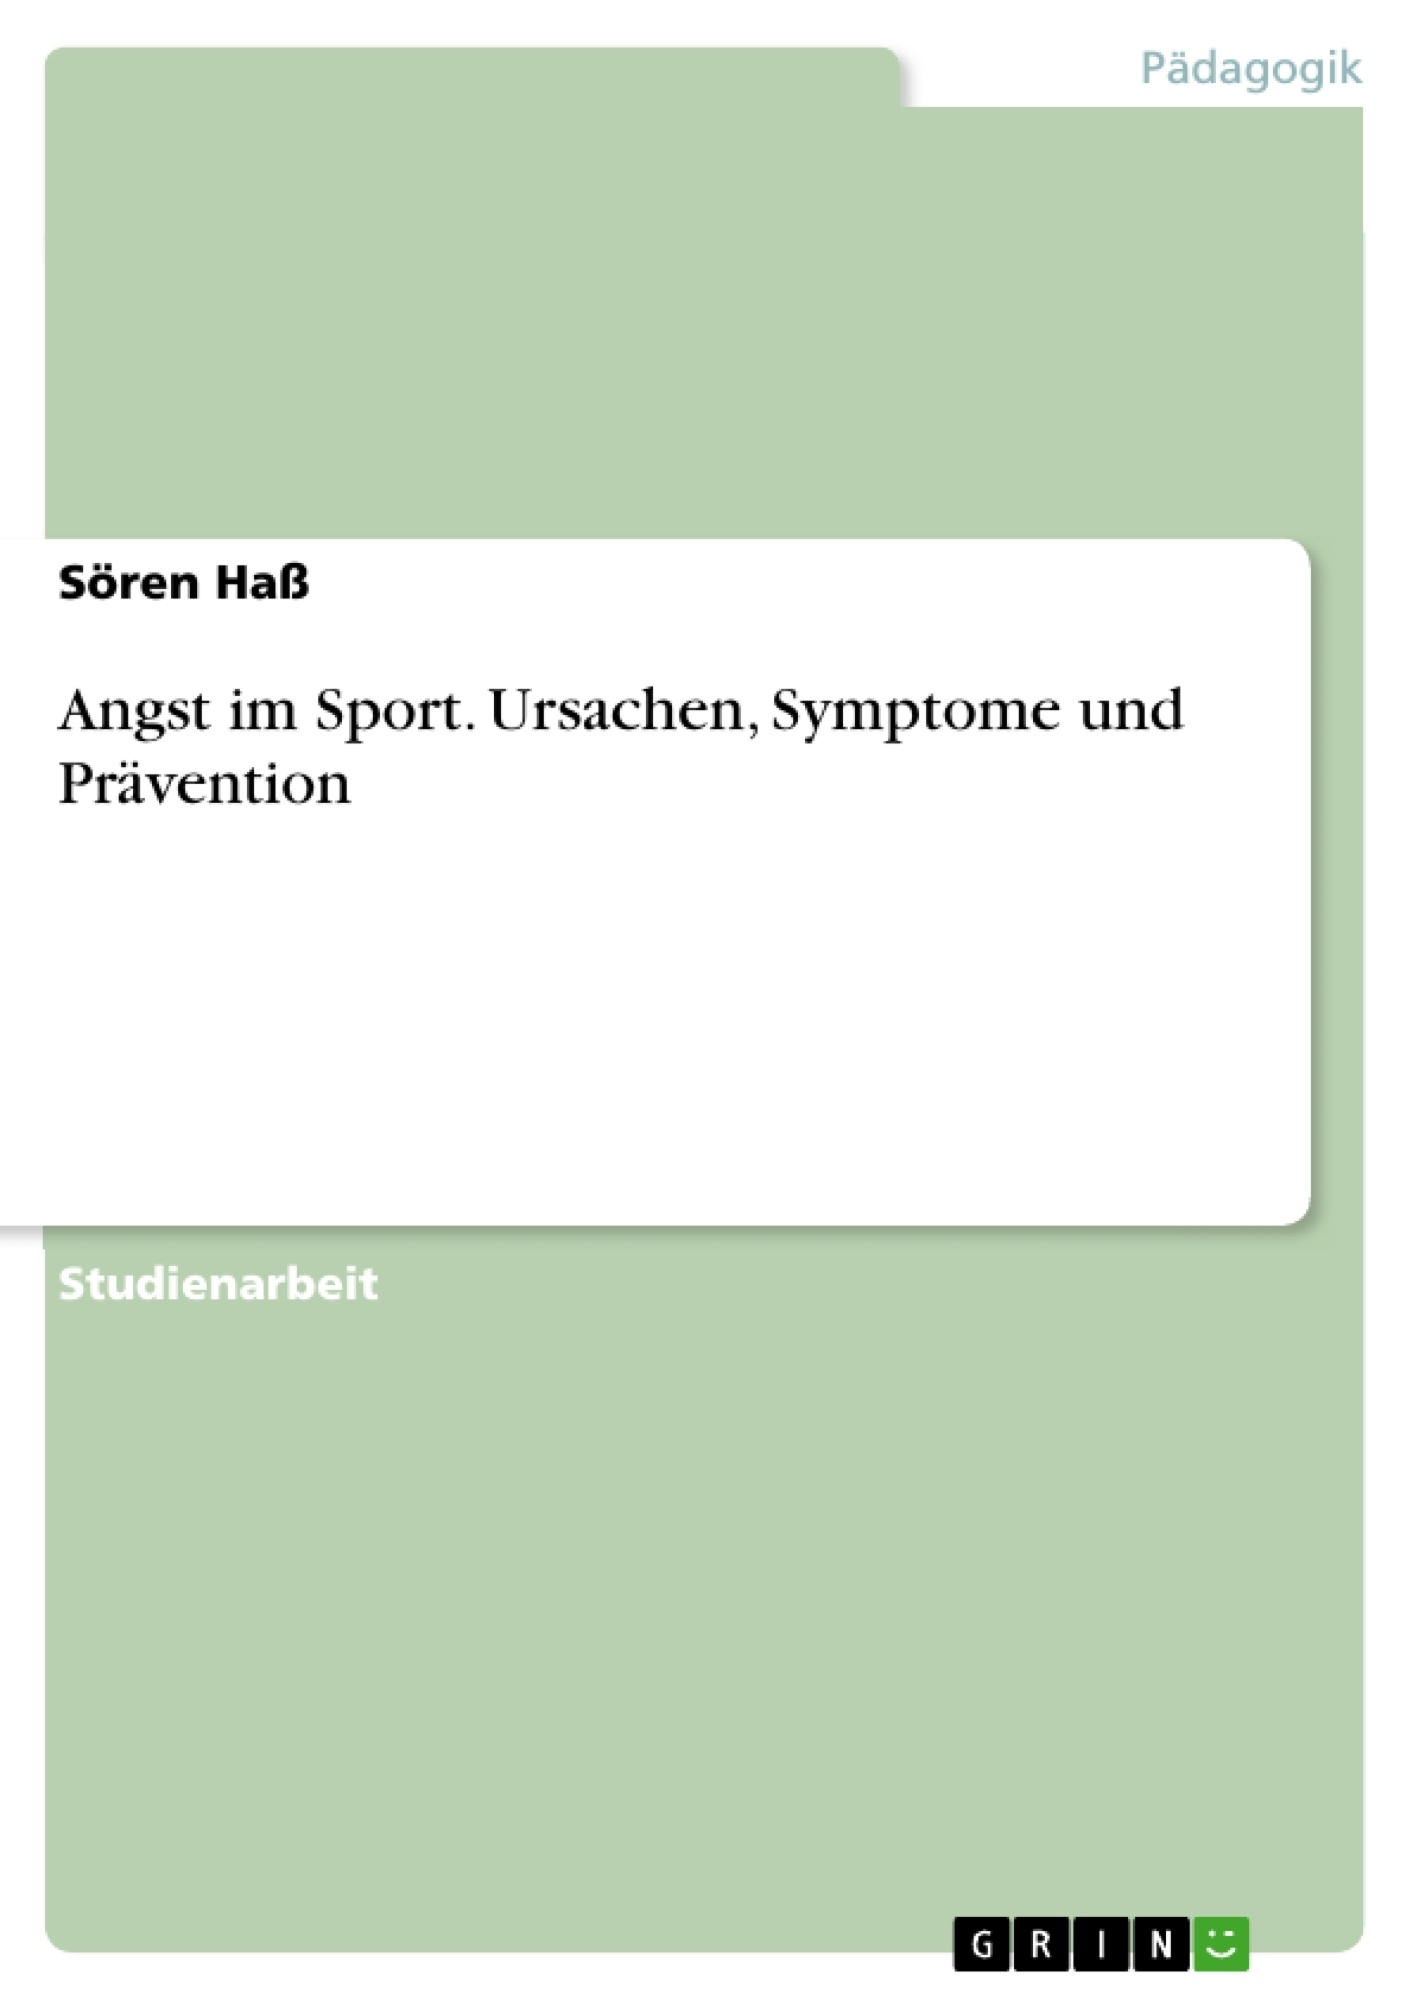 Titel: Angst im Sport. Ursachen, Symptome und Prävention